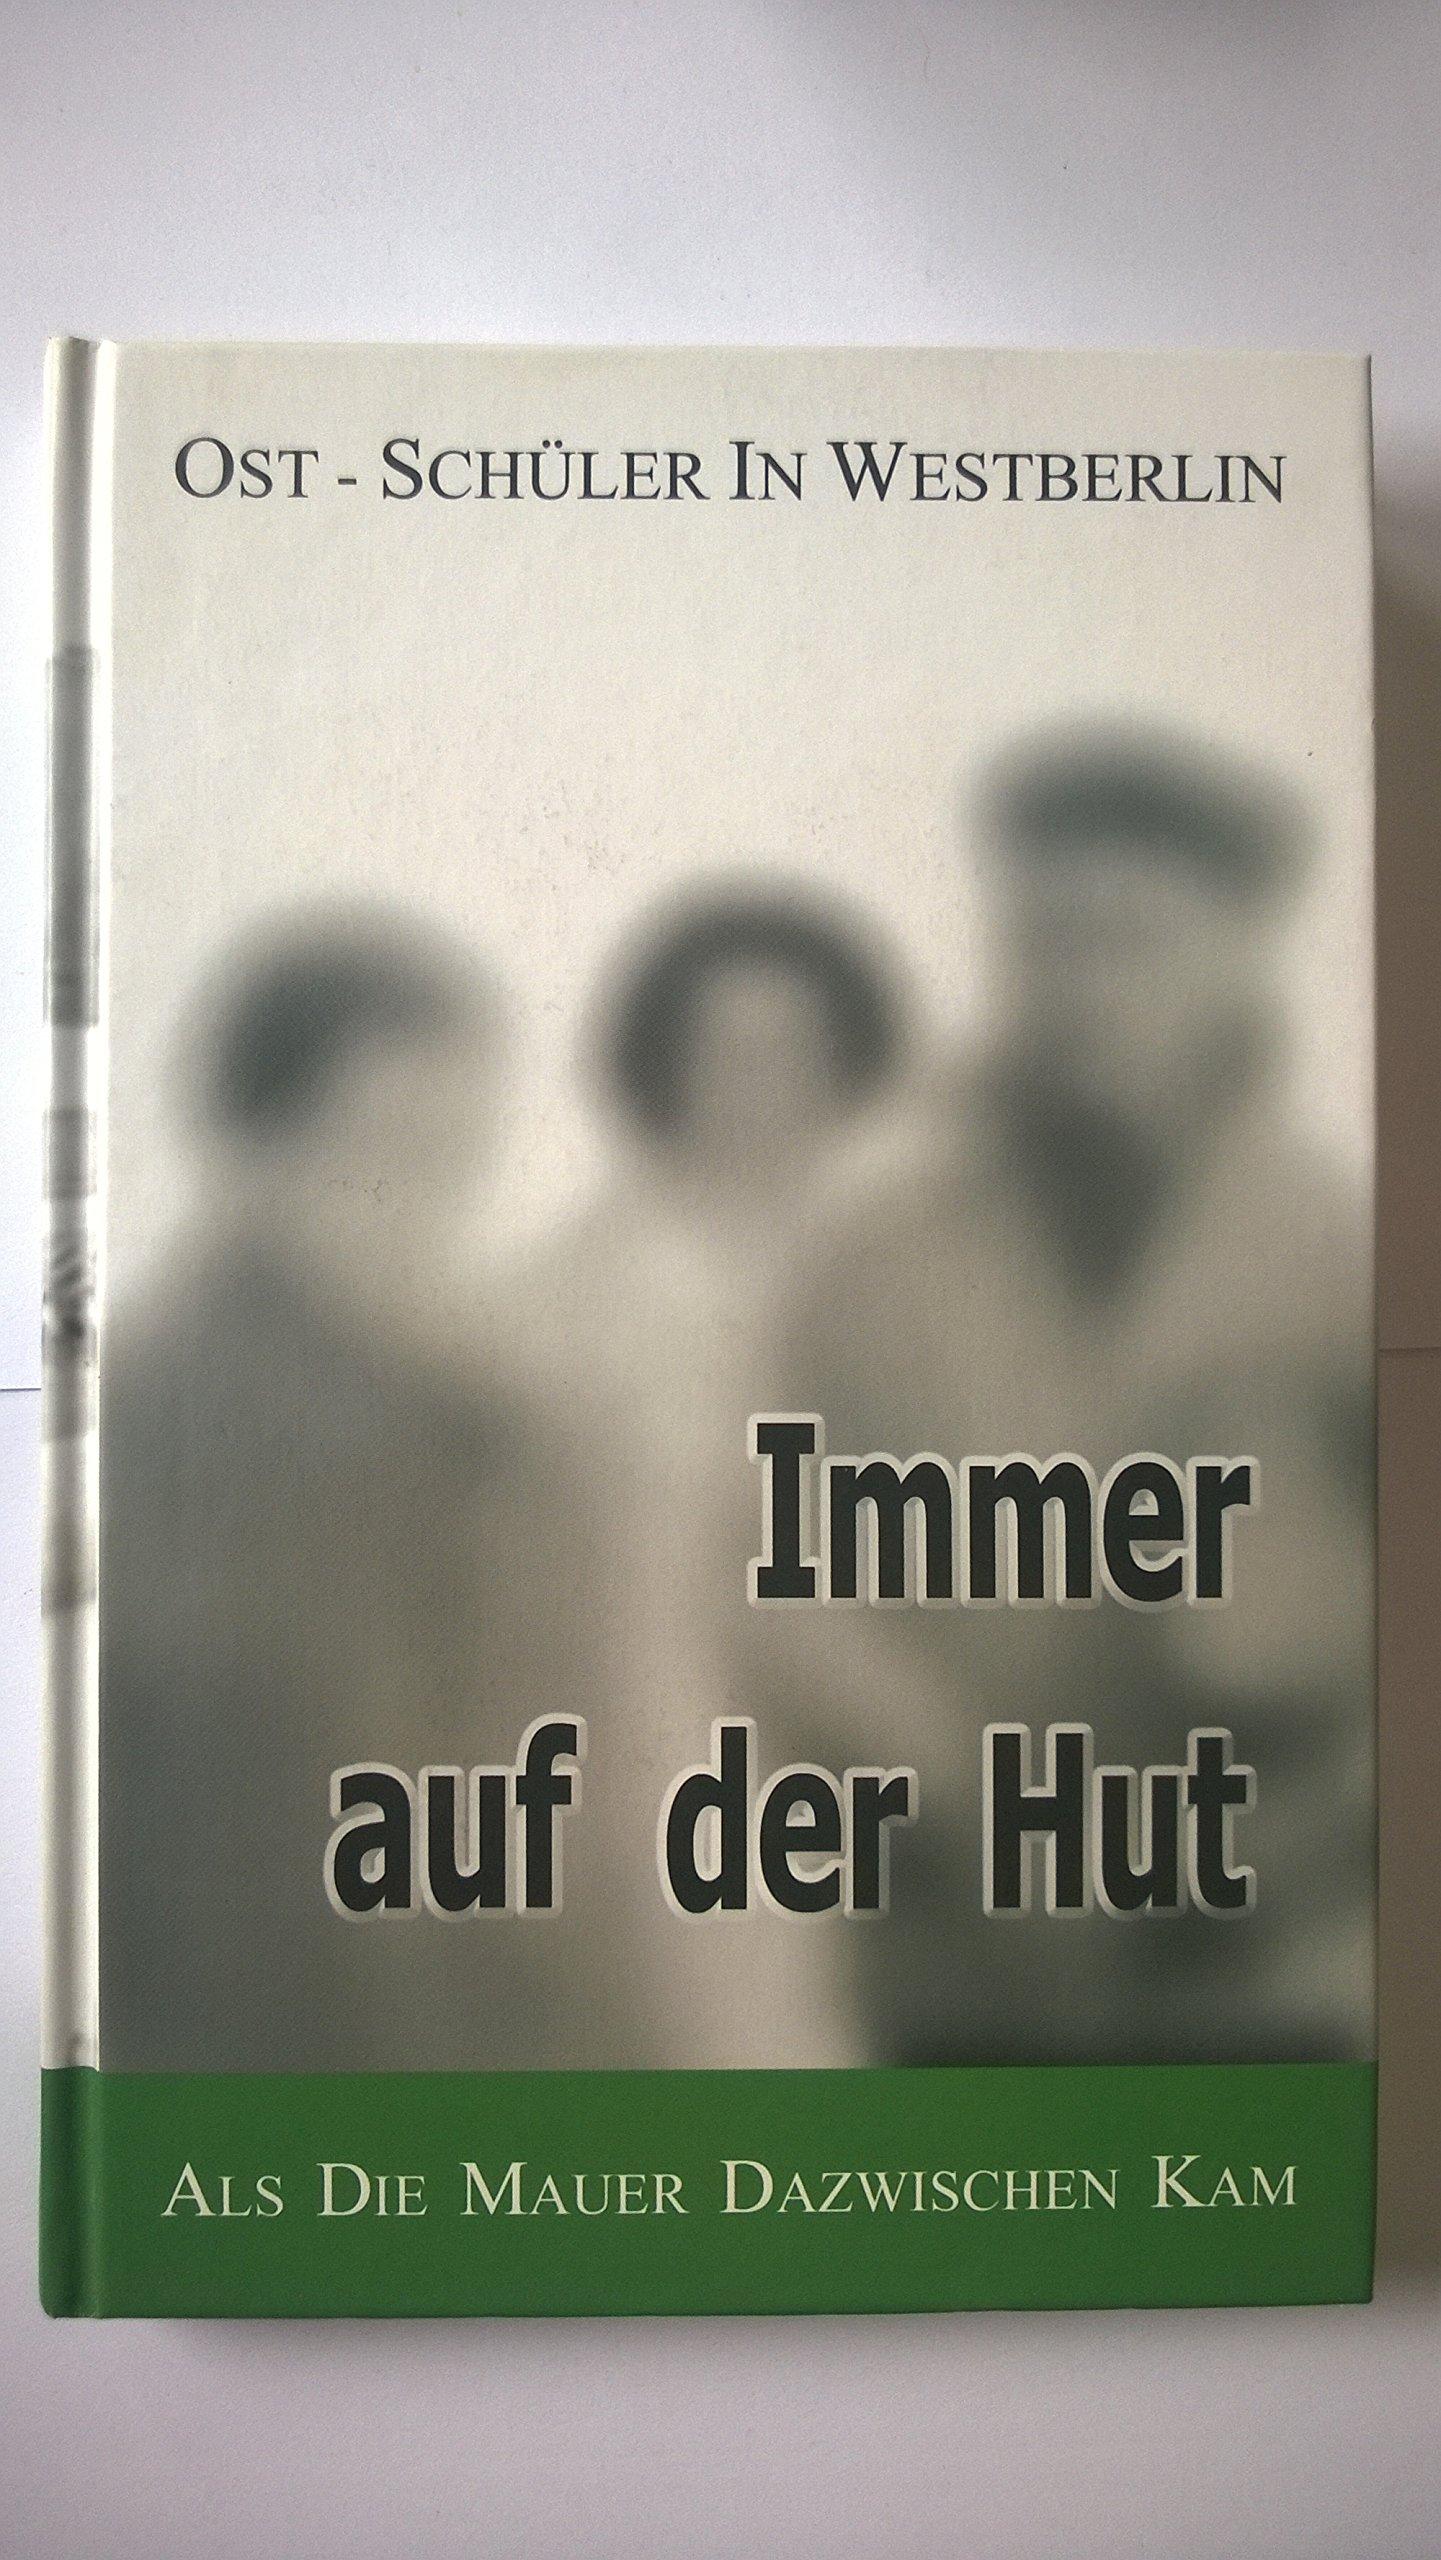 Immer auf der Hut: Ostschüler in Westberlin - Als die Mauer dazwischen kam